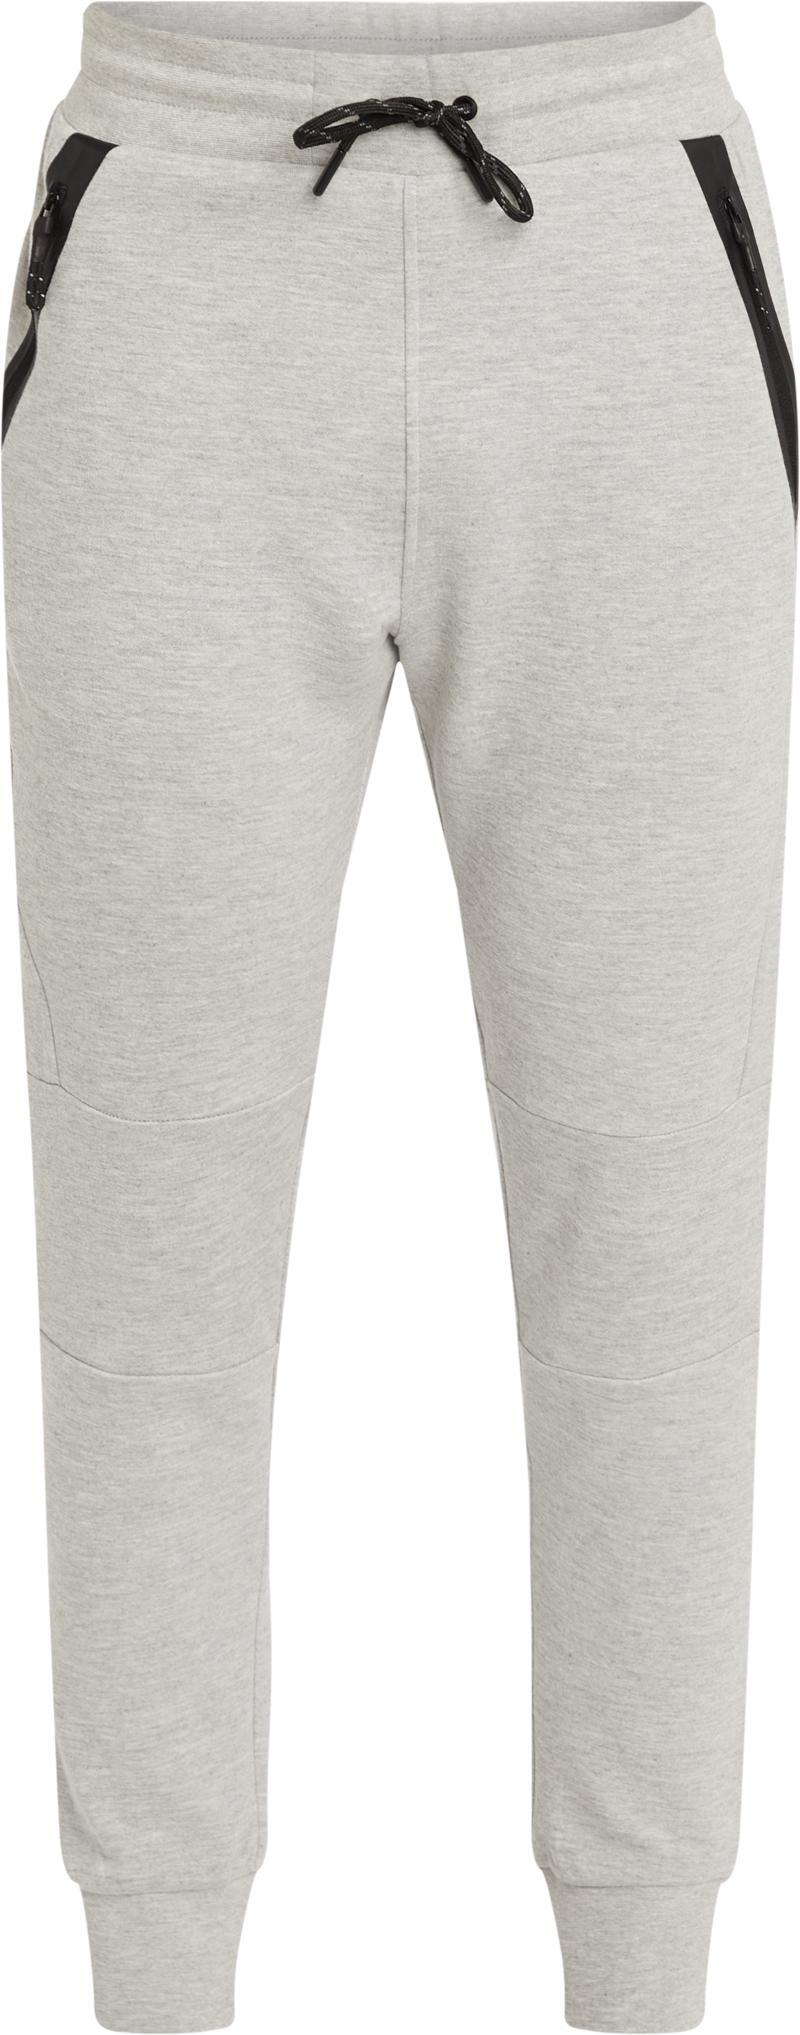 Energetics GAMMA II UX, moške hlače, siva